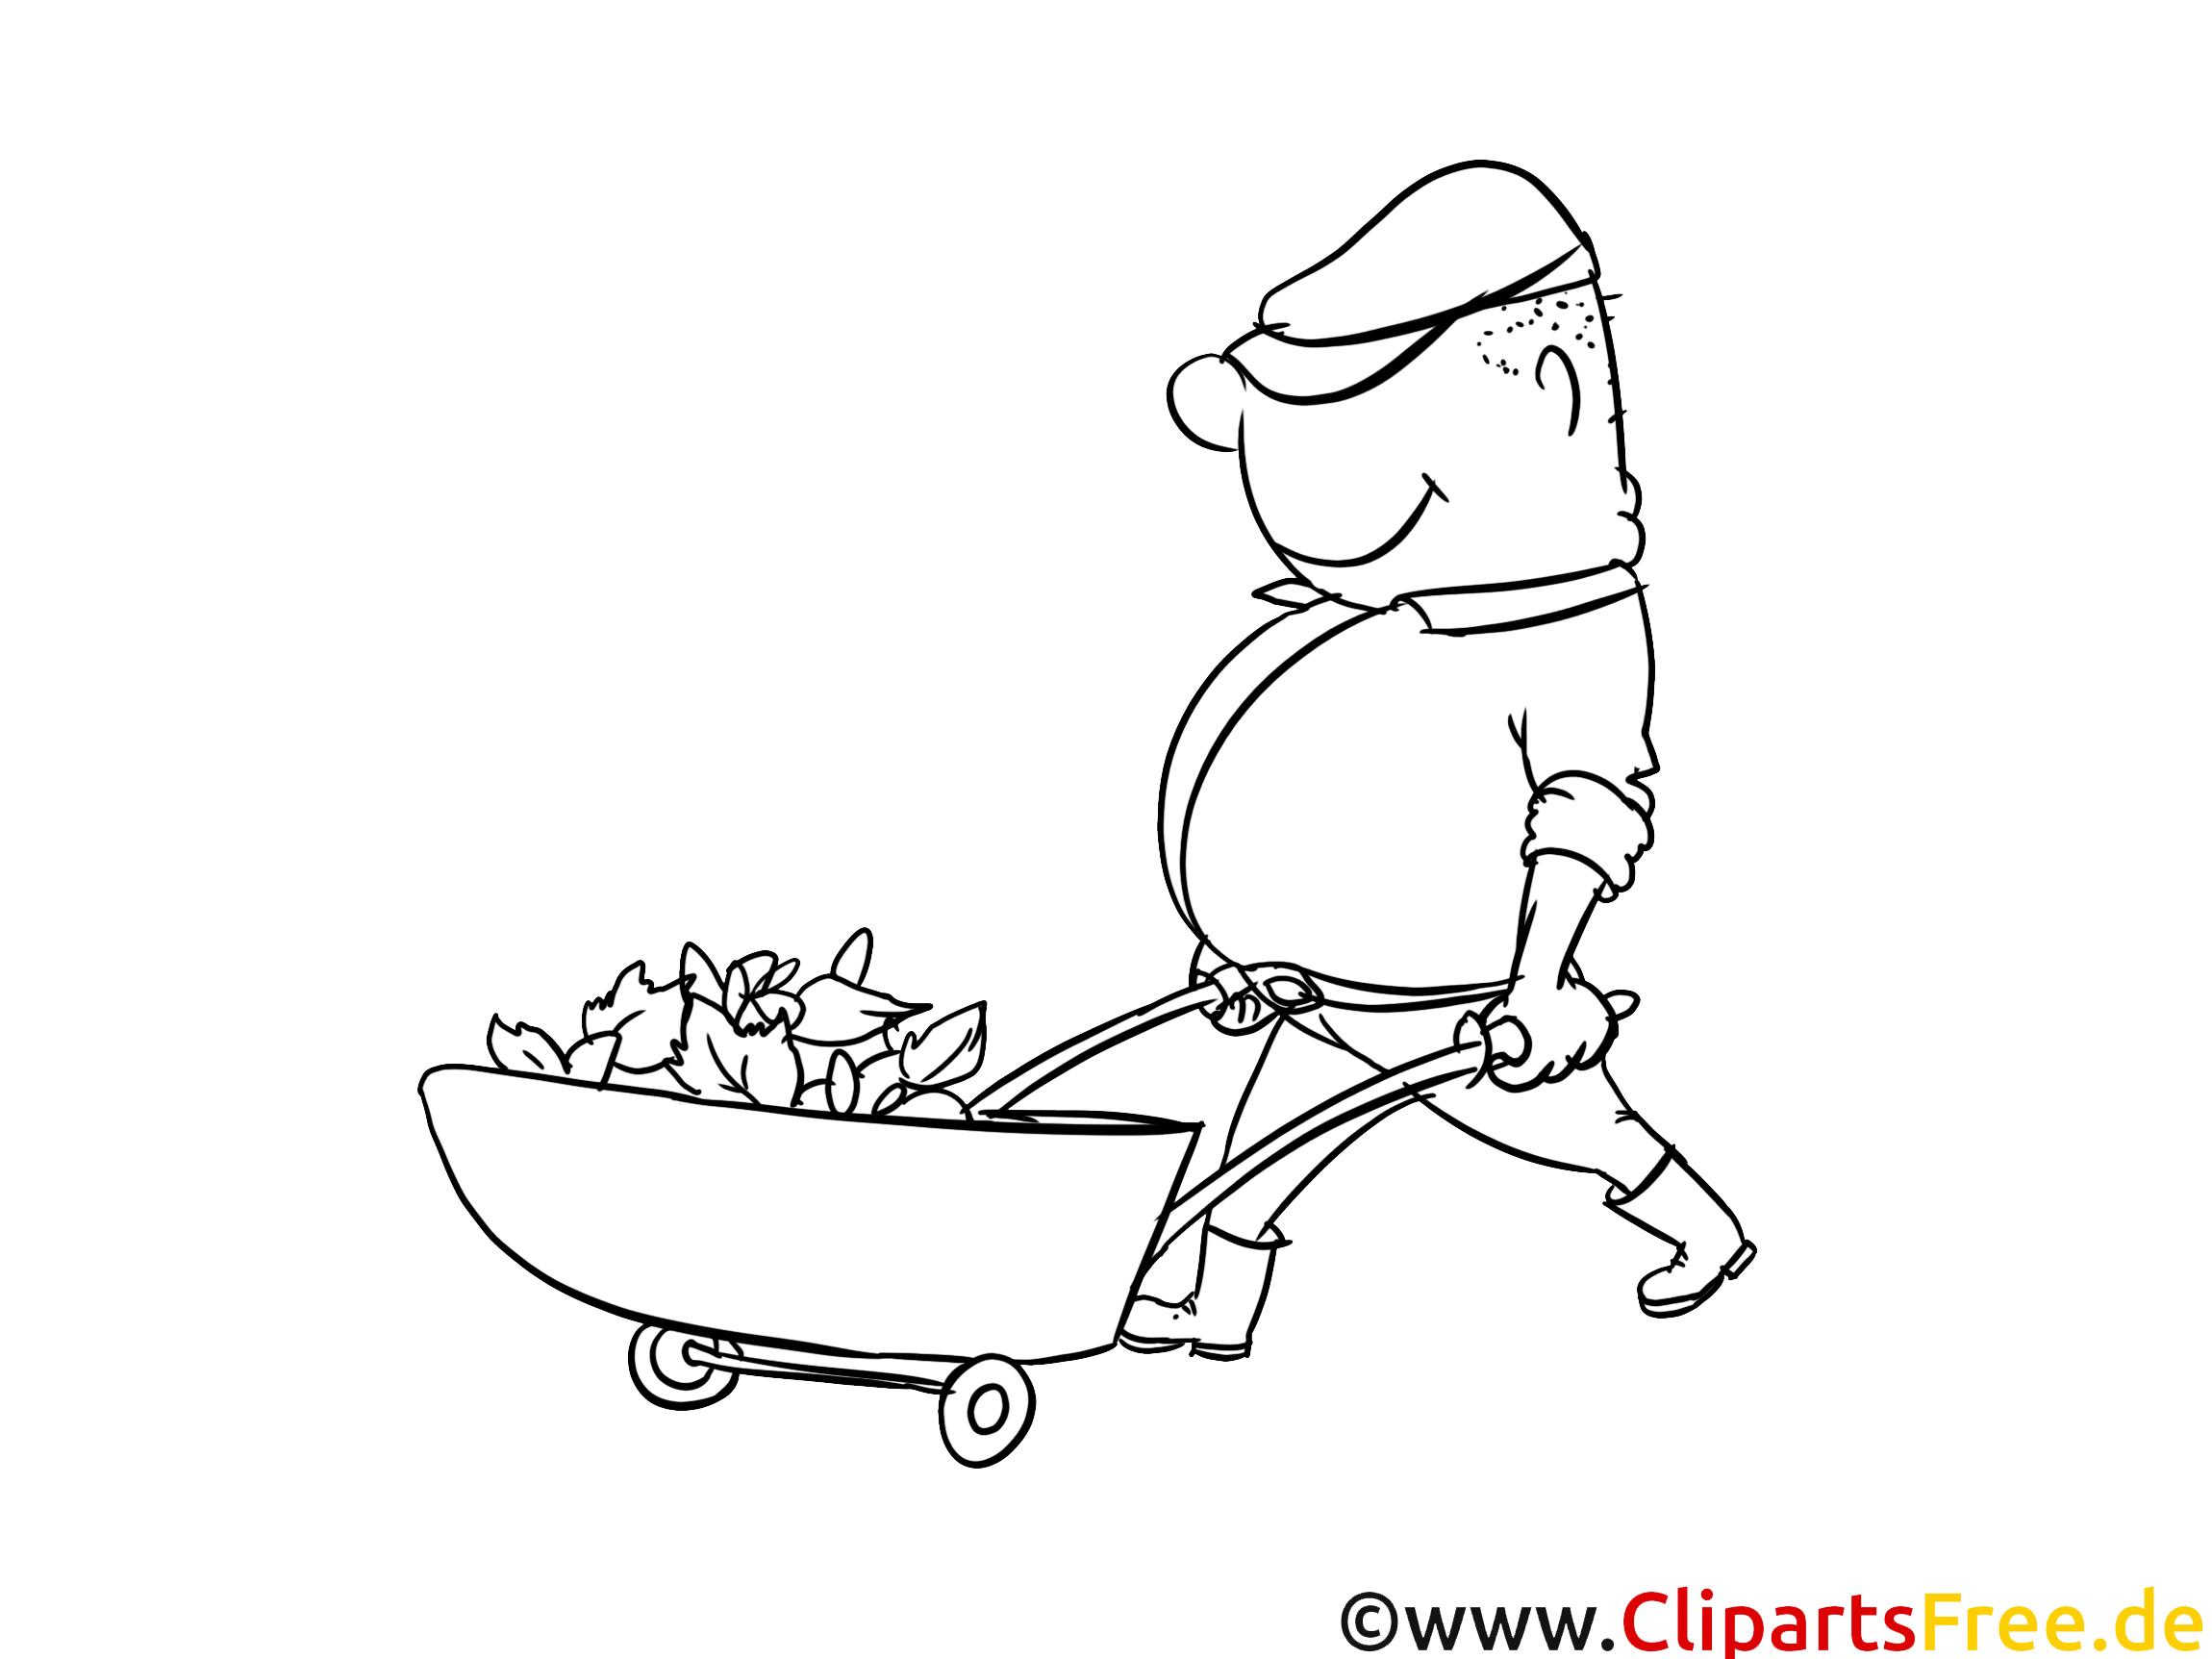 Bauarbeiter mit Schubkarre - Malvorlagen für Kinder